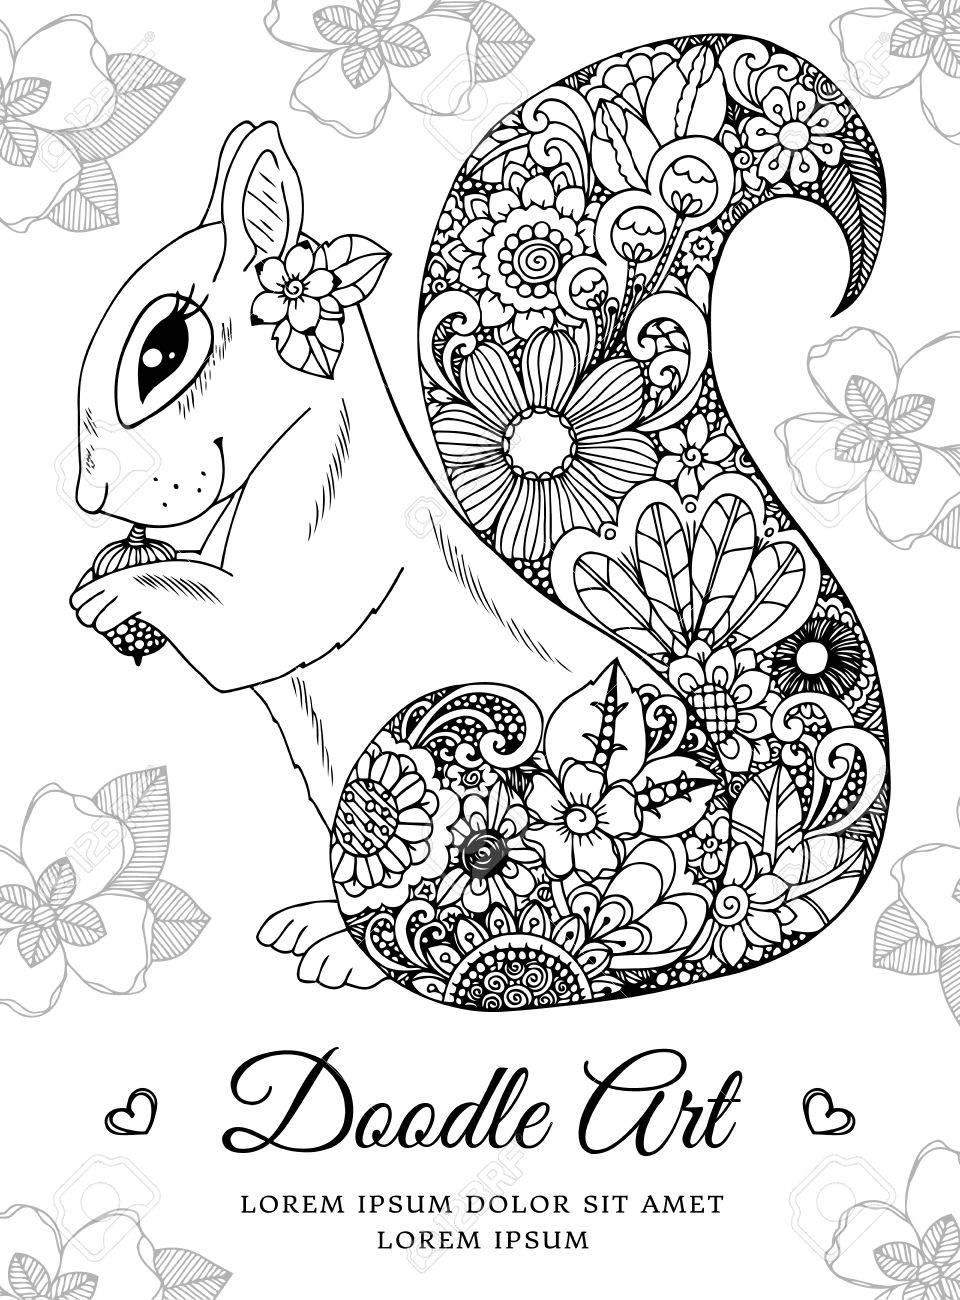 Ilustración Vectorial, Ardilla Con Flores. Dibujo Del Doodle. Dibujo ...